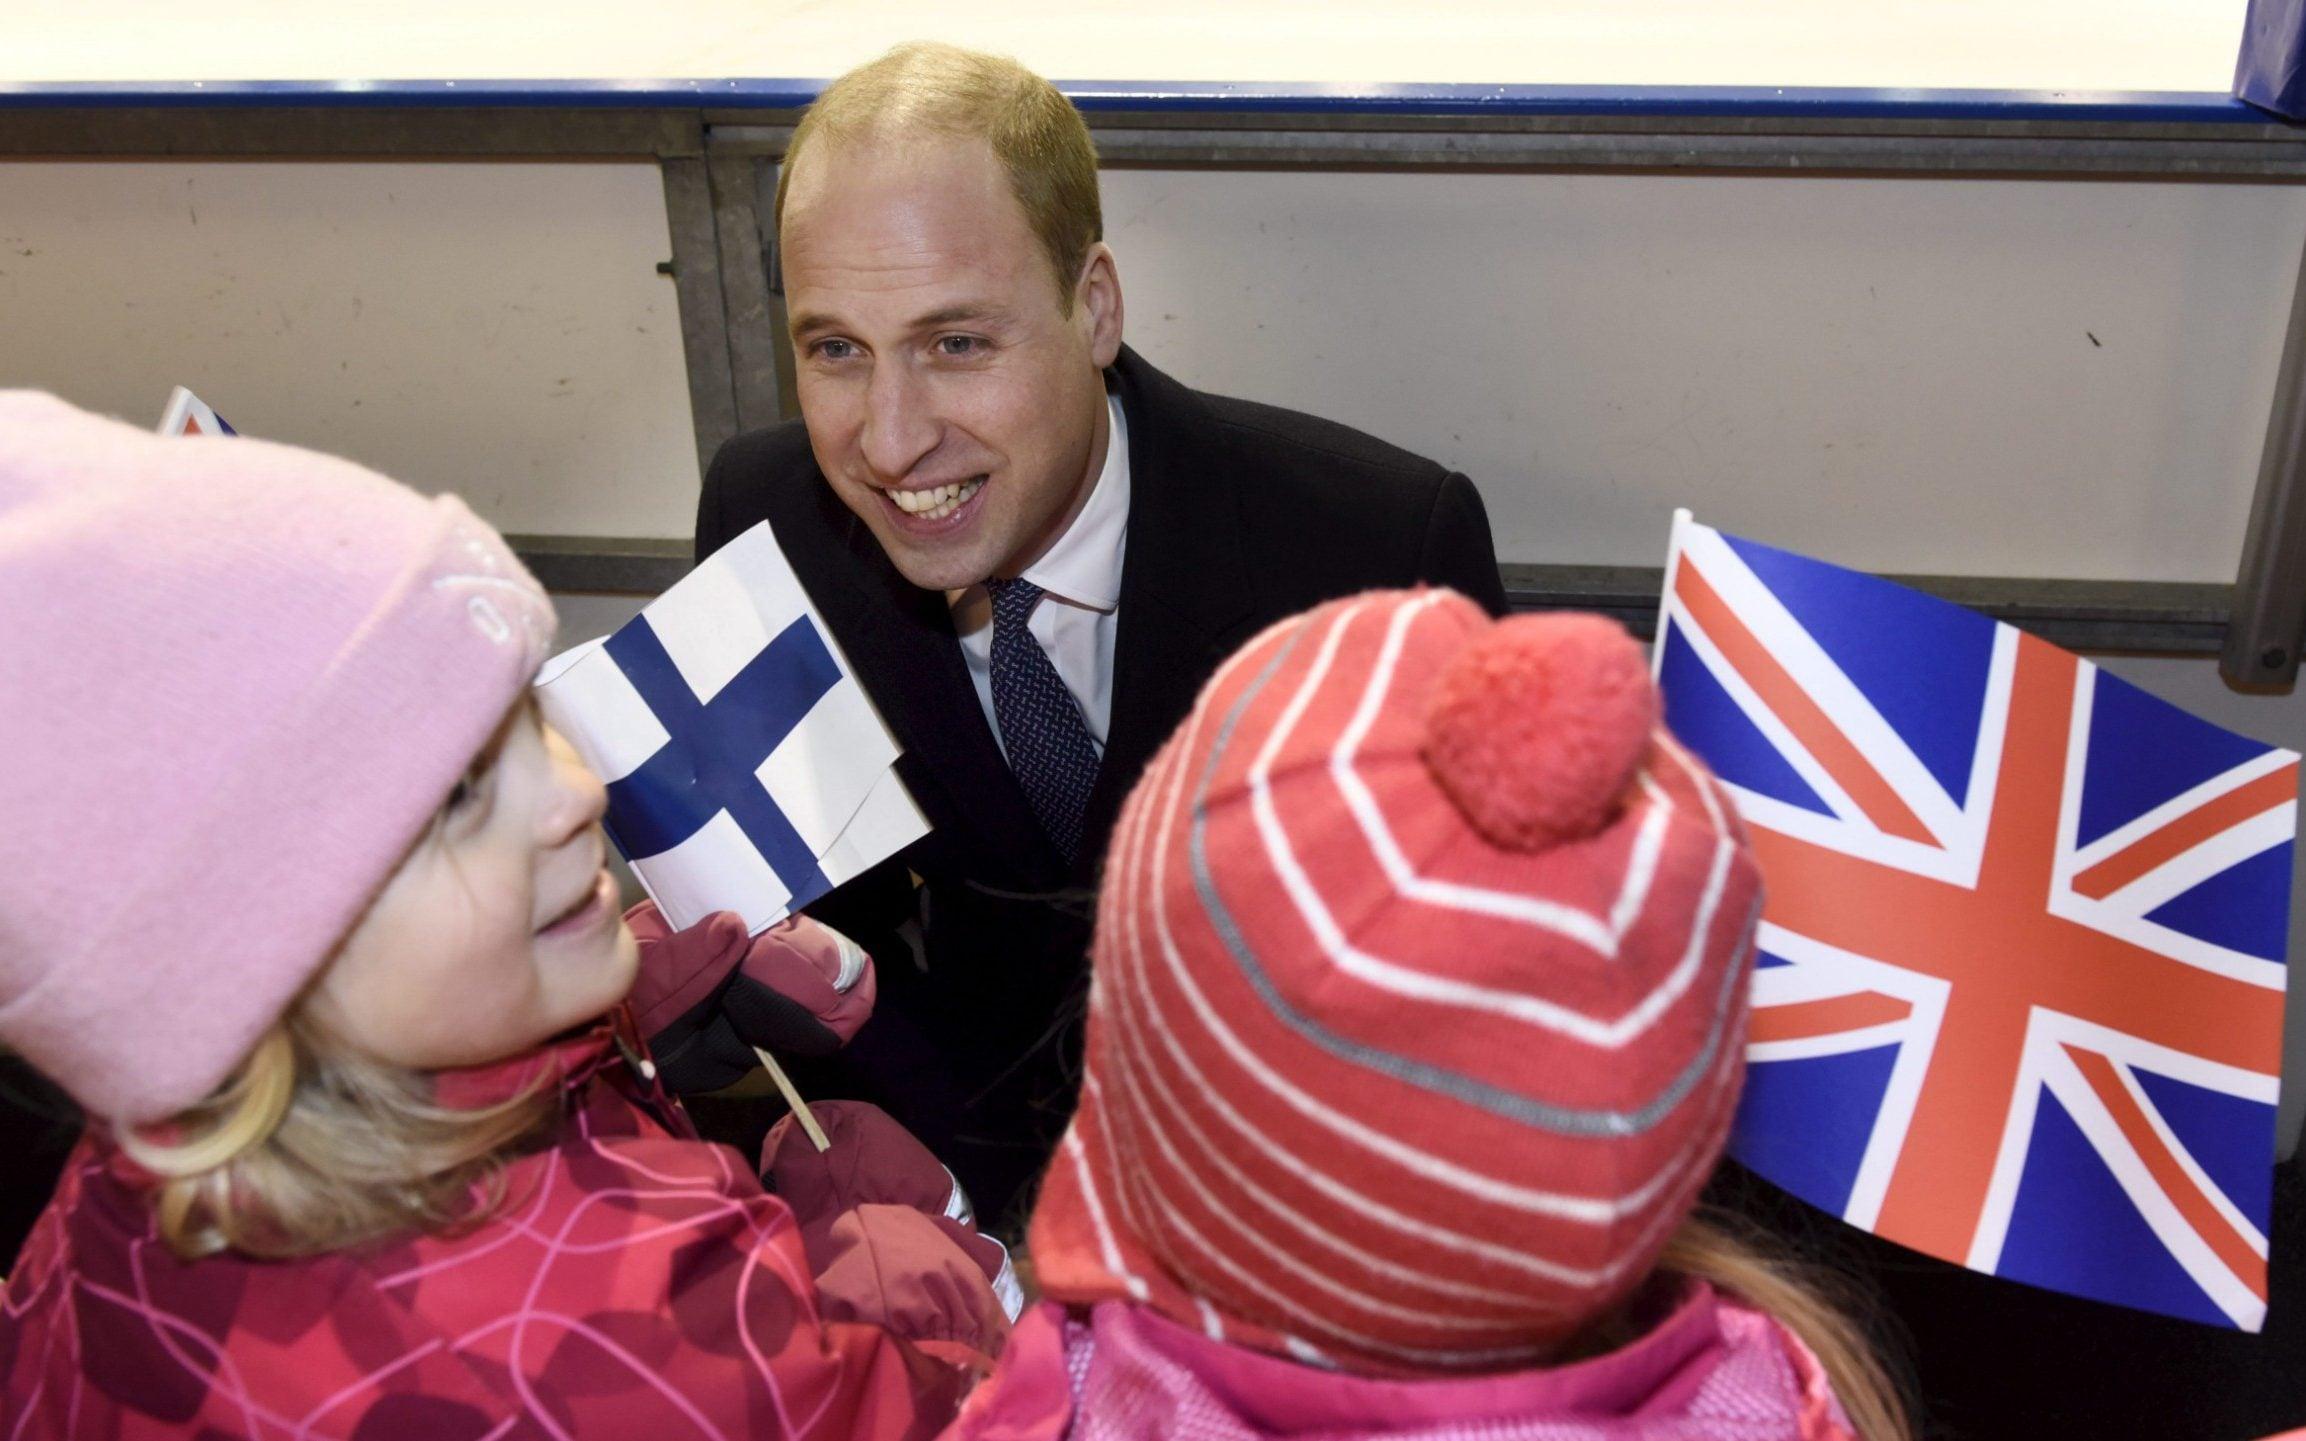 Prince William meets children in Finland